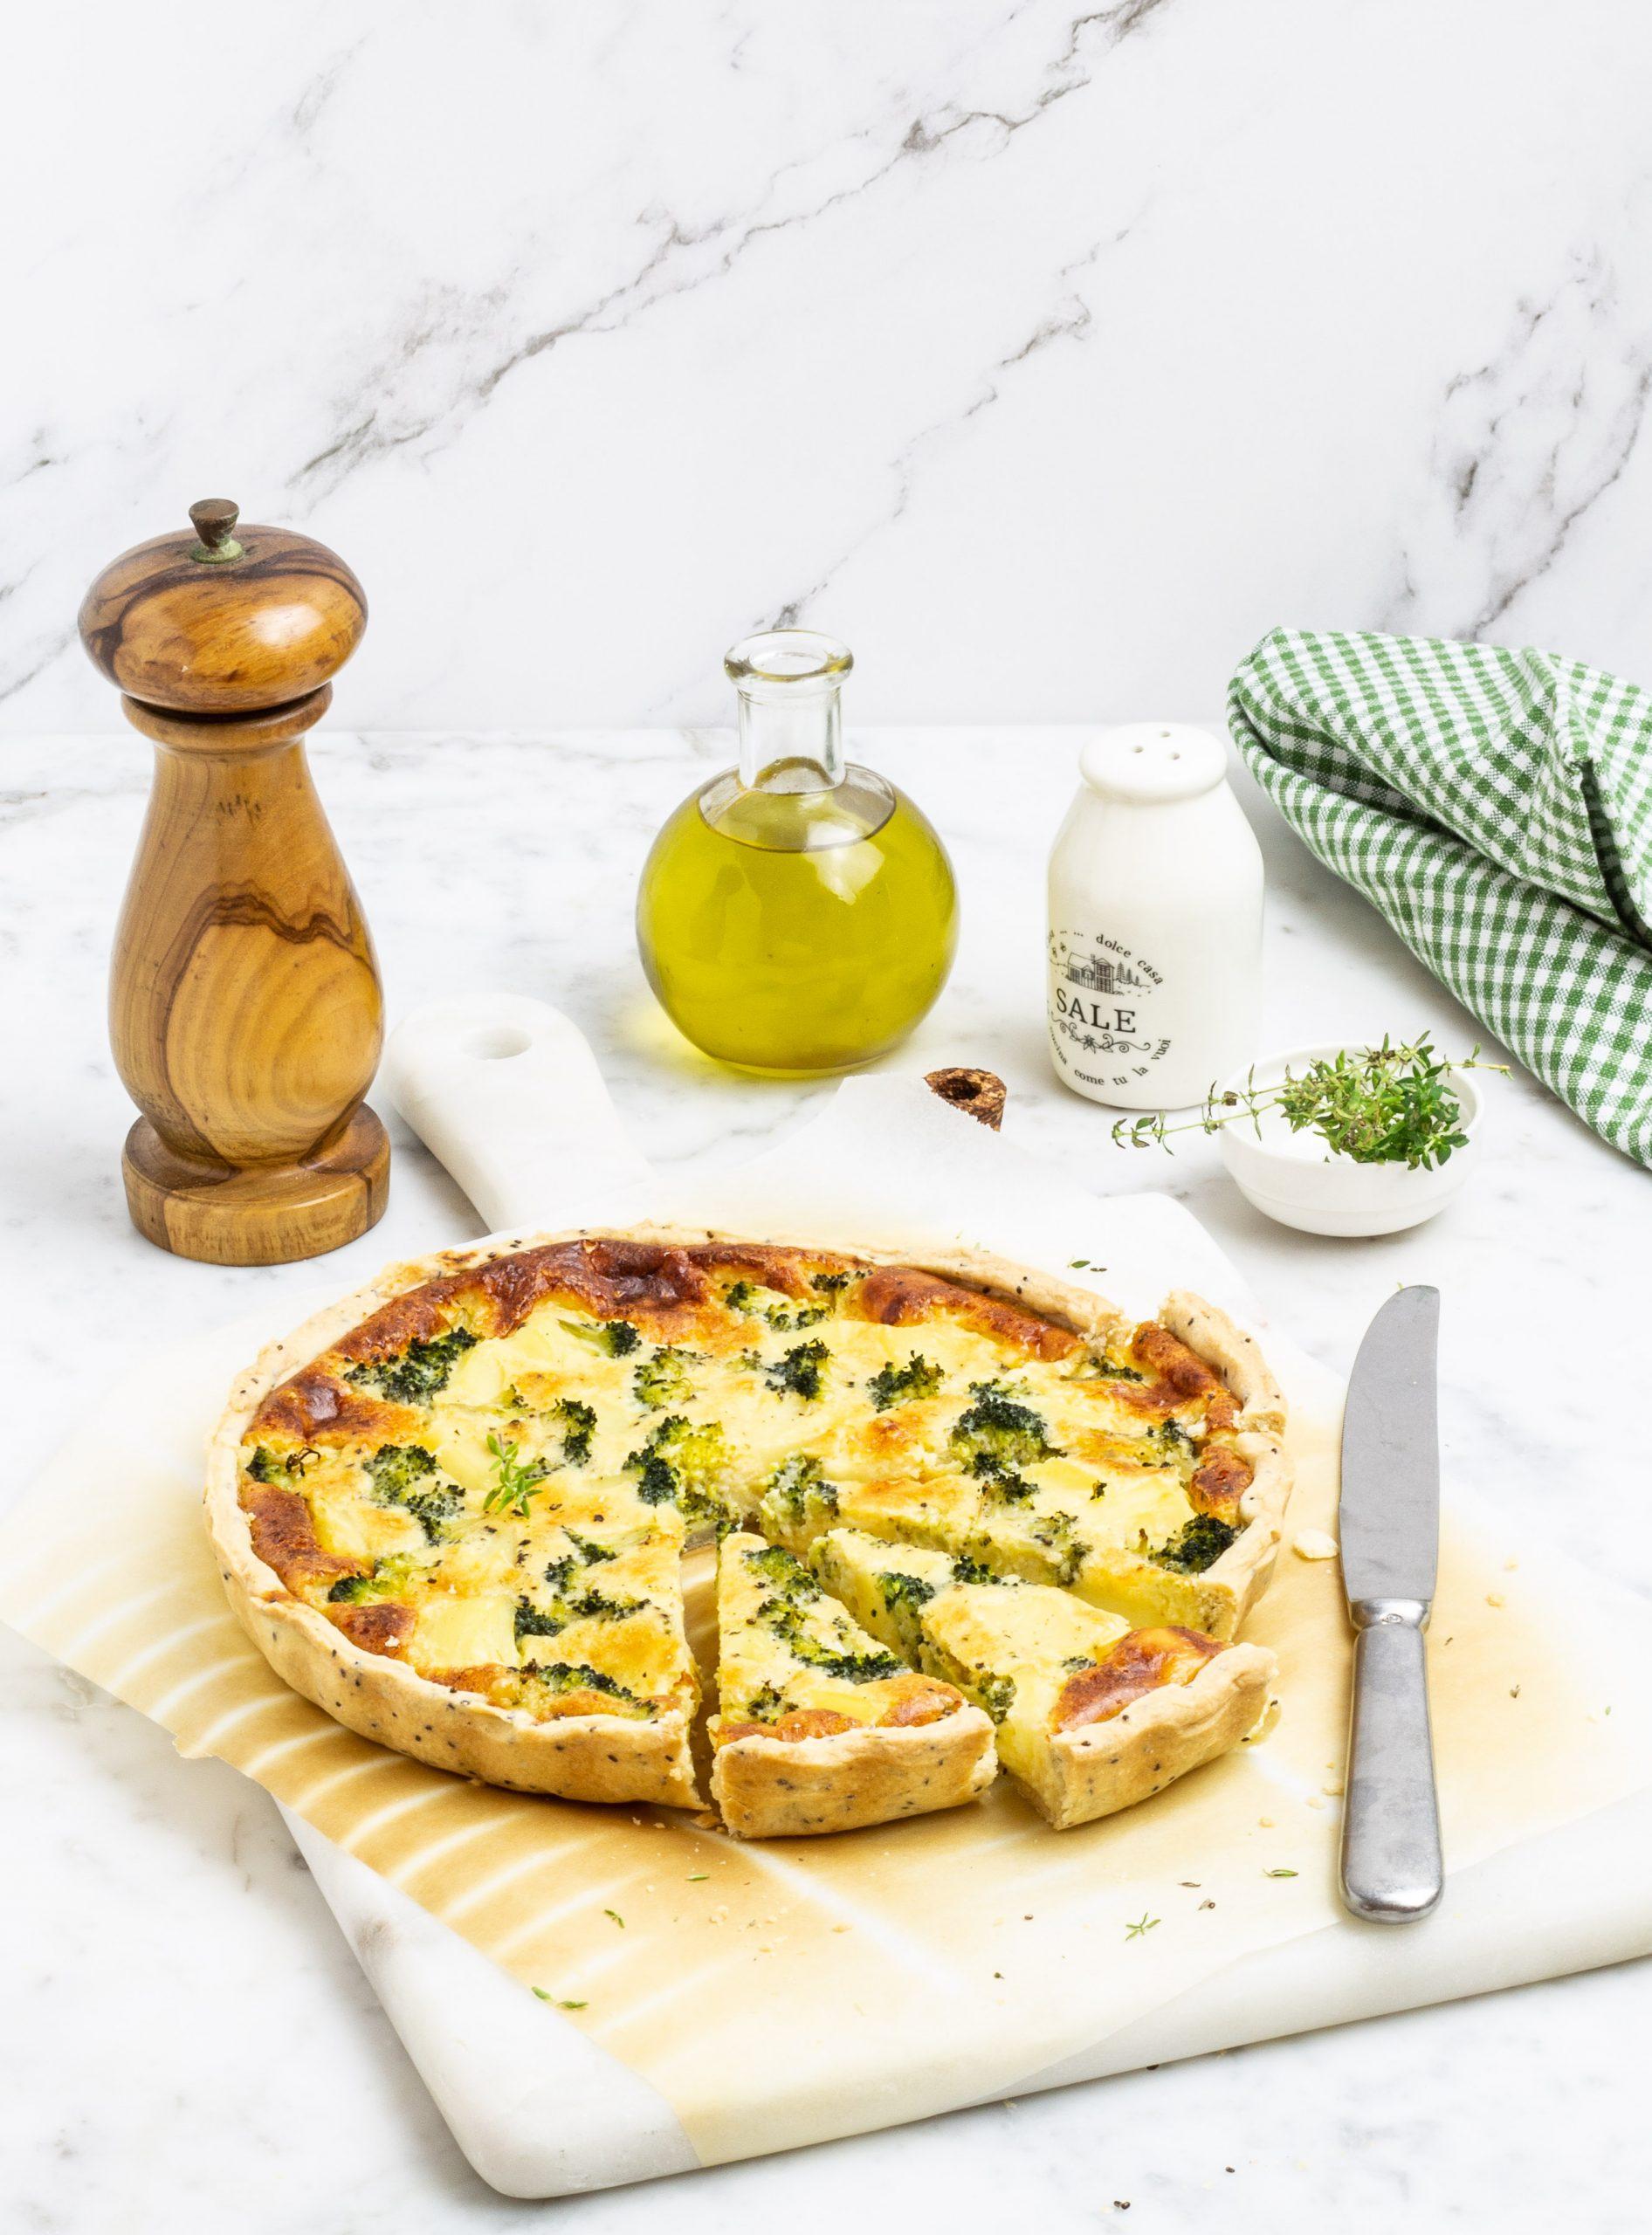 Torta salata con broccoli e patate